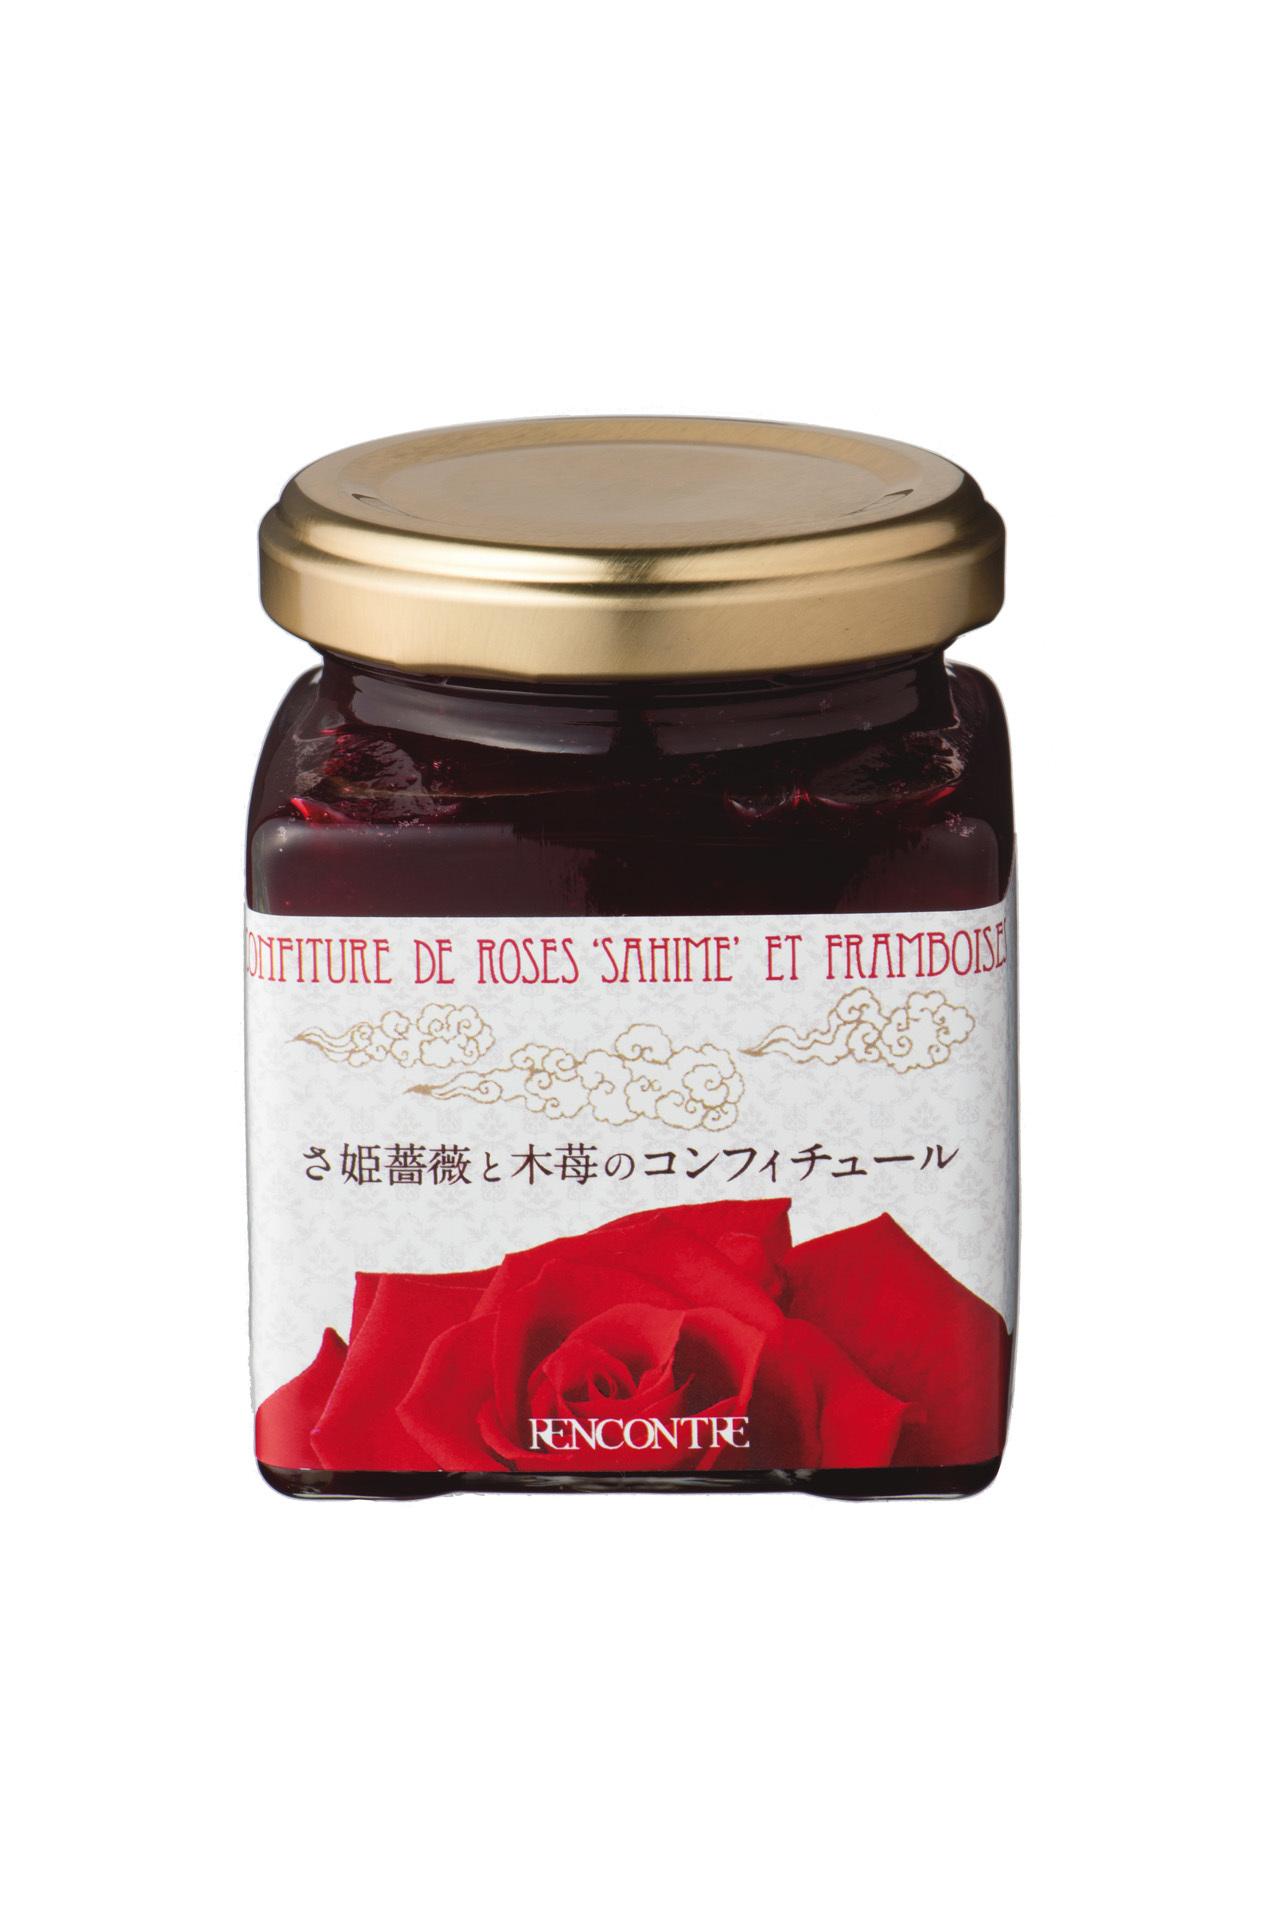 心癒される味わい ランコントレの「薔薇と木苺のコンフィチュール」_1_2